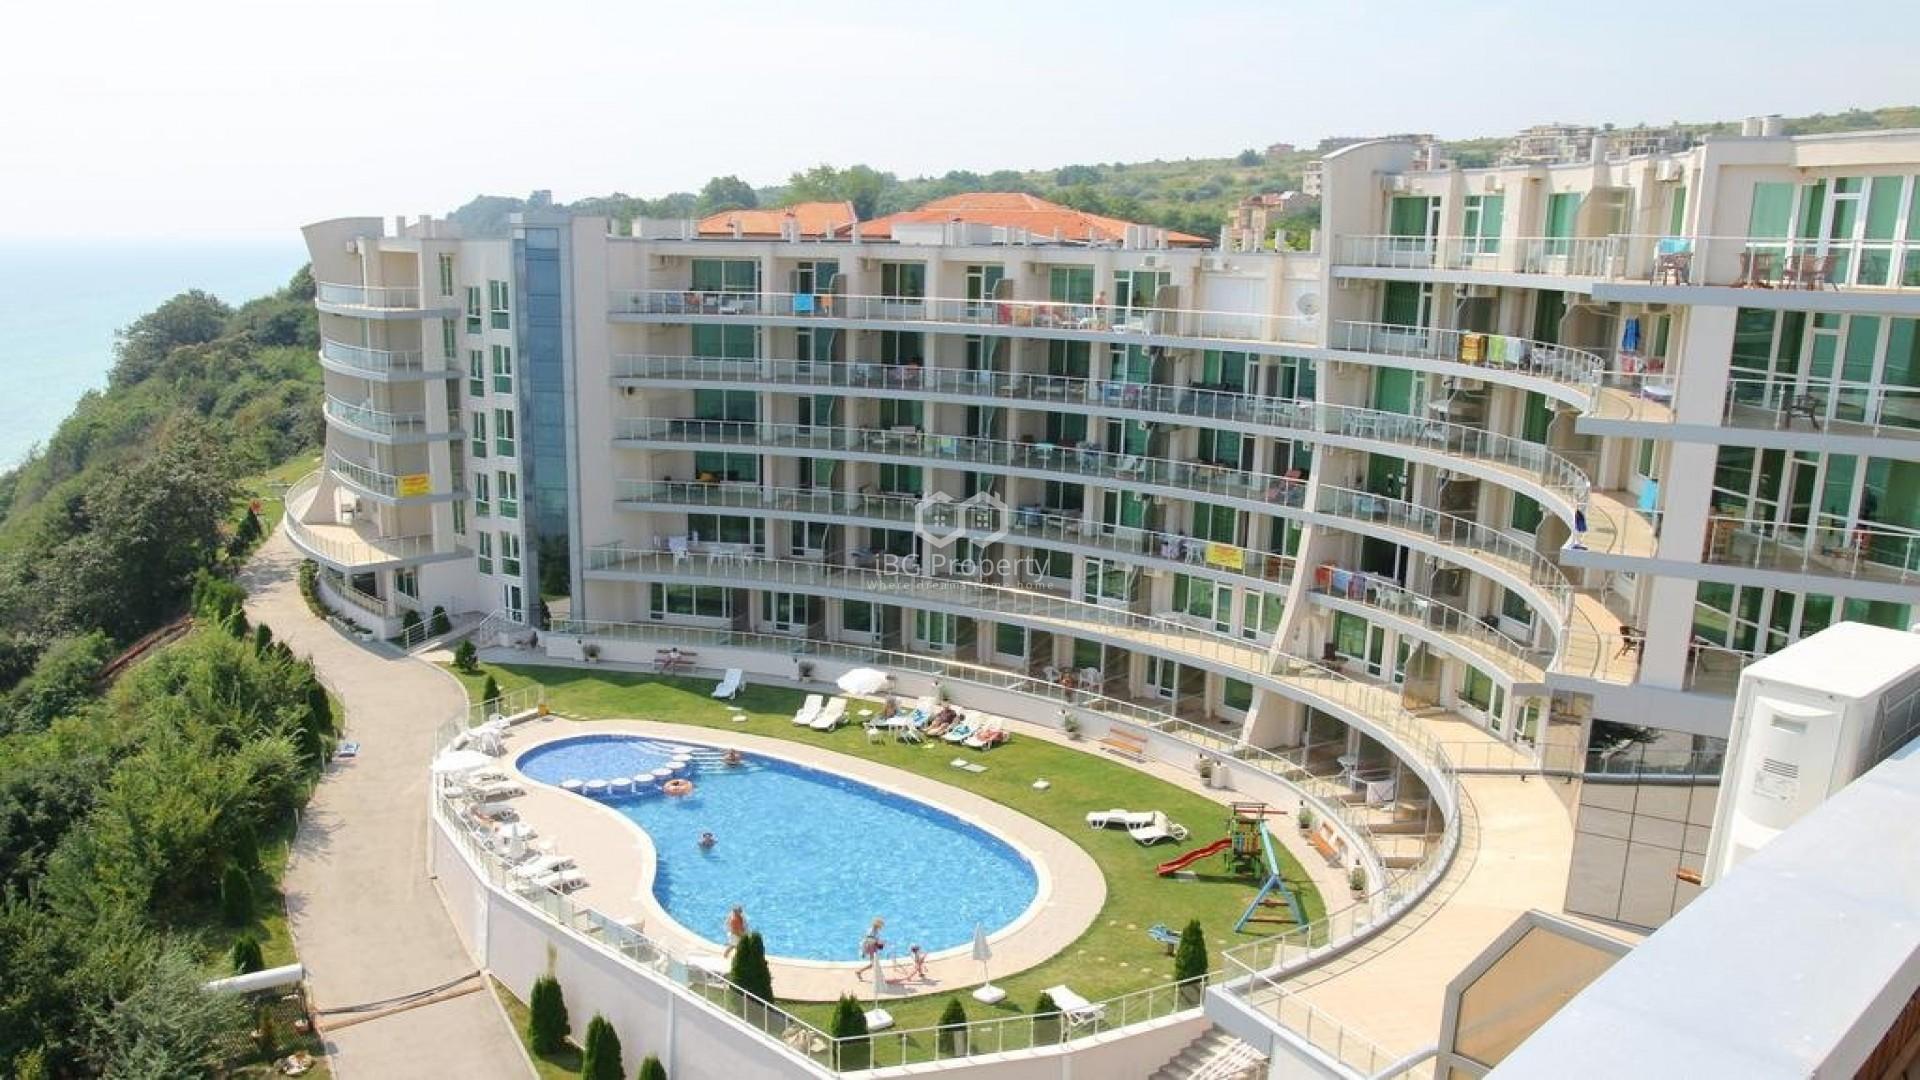 Dreizimmerwohnung in Bjala 110 m2